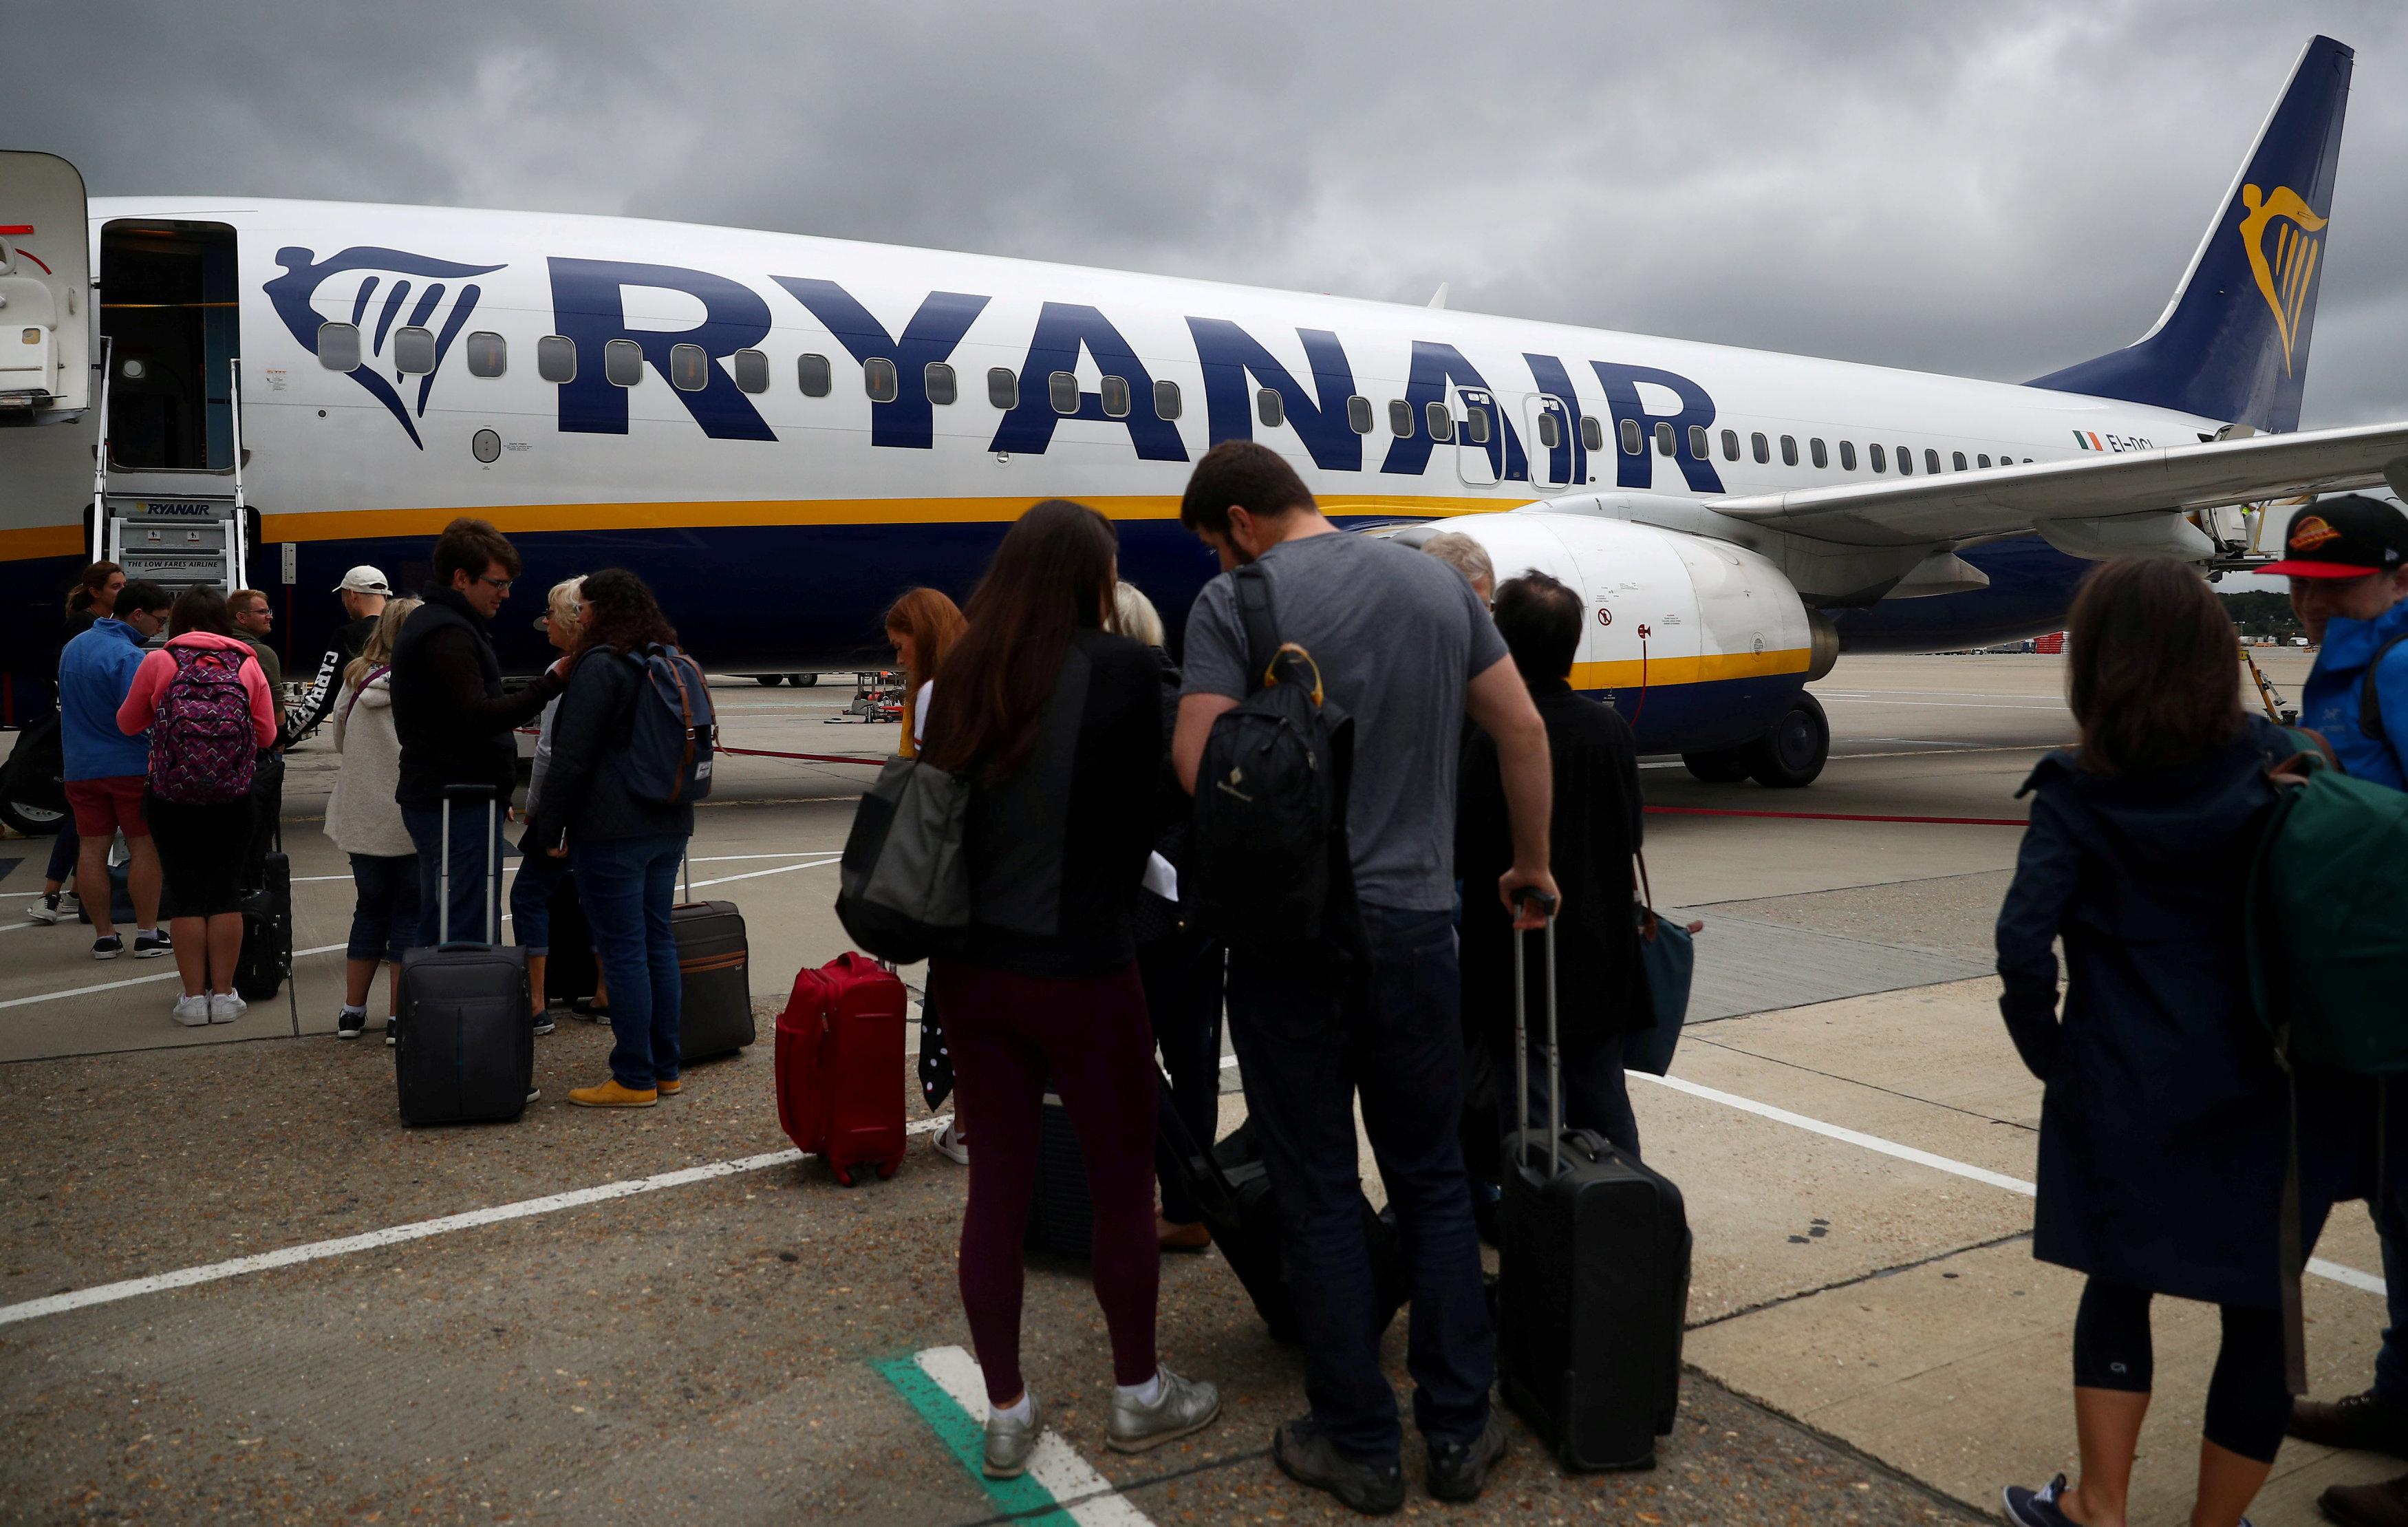 dee38876685 Ryanair: Τέρμα η δωρεάν χειραποσκευή από τον Νοέμβριο - Ειδήσεις ...